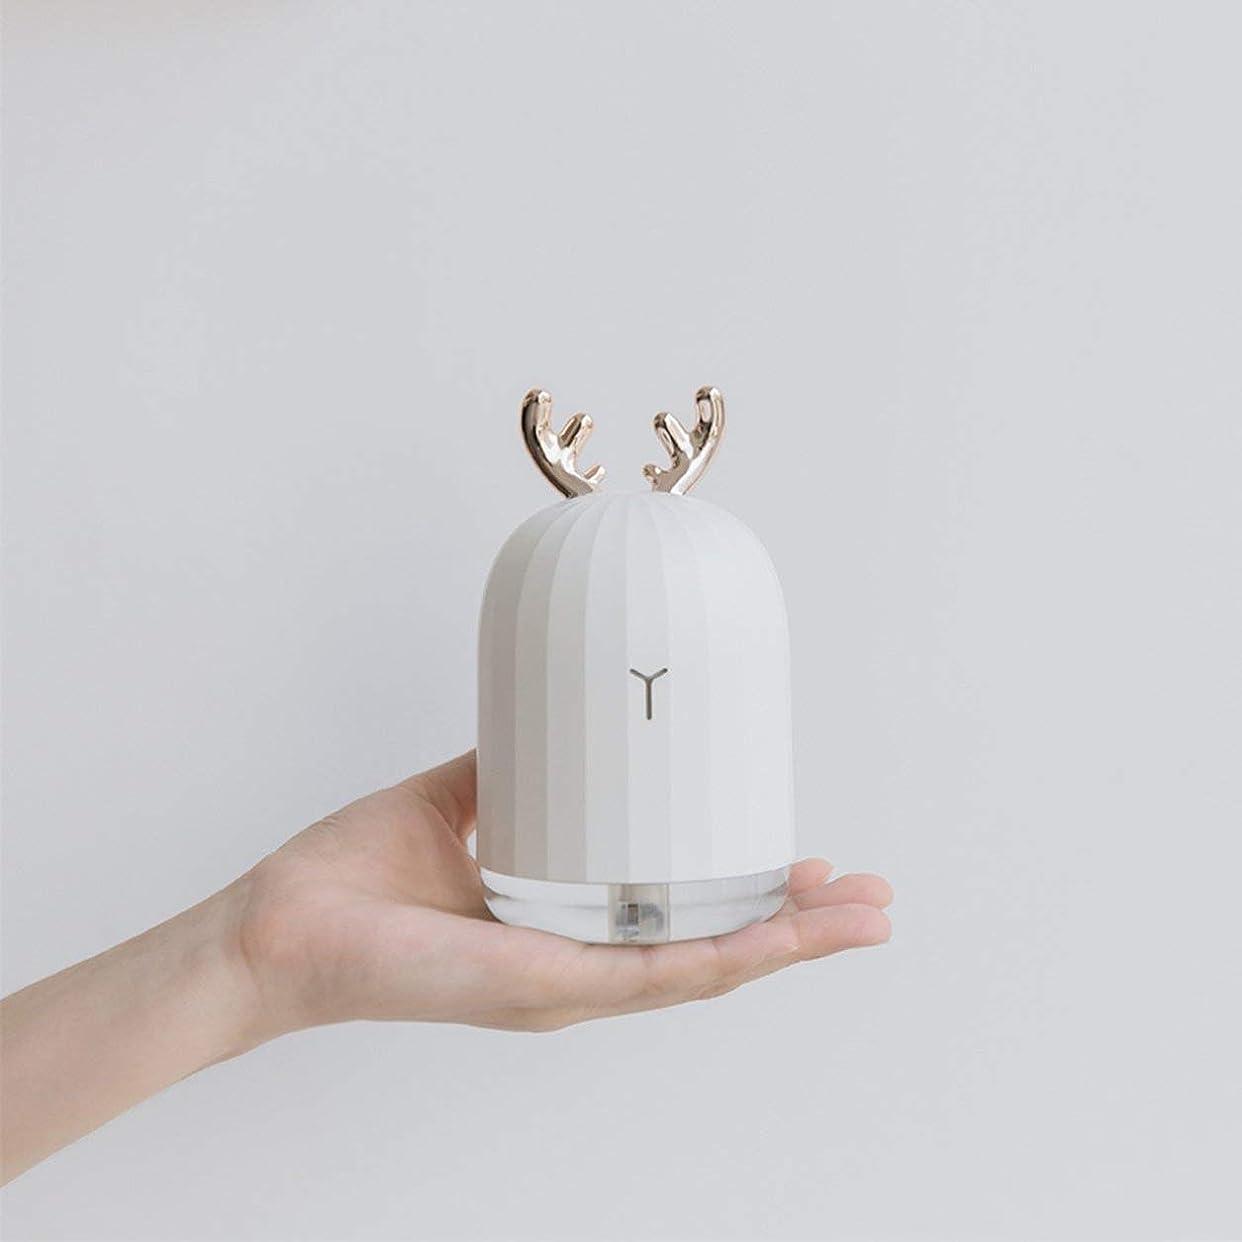 器官祝福する道Saikogoods LEDナイトライトとラベンダーの空気超音波加湿エッセンシャルオイルディフューザーアトマイザーエアフレッシュナーミストメーカー 鹿